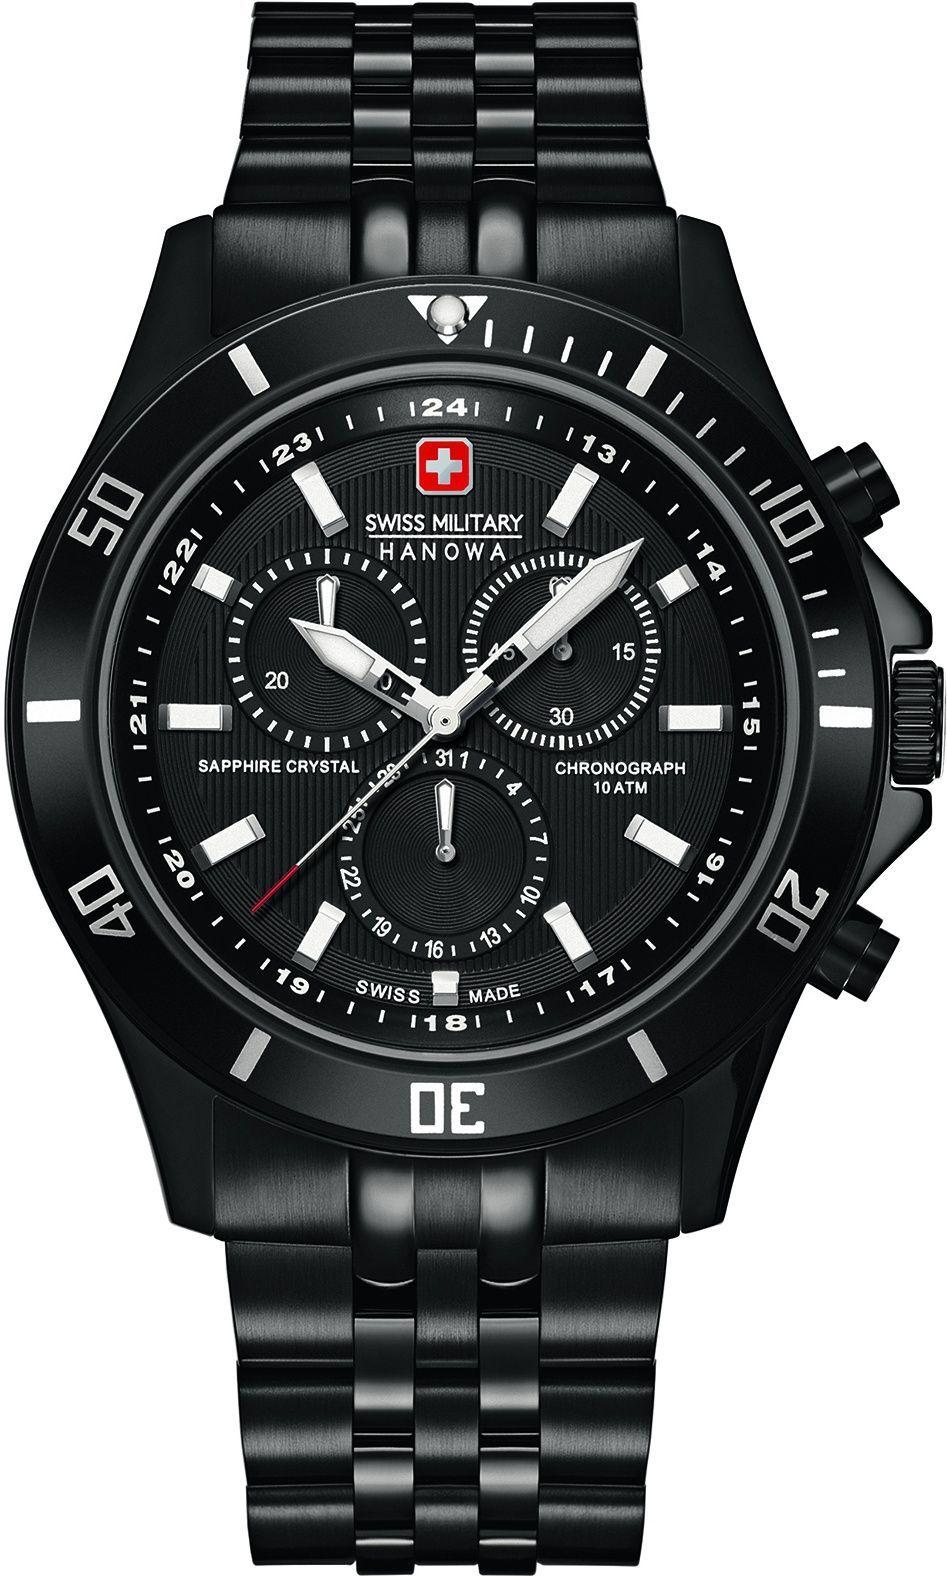 4291bd4a9 Pánské hodinky - ocelový řemínek, ocel pouzdro, safírové sklíčko. Veškeré  technické parametry naleznete níže